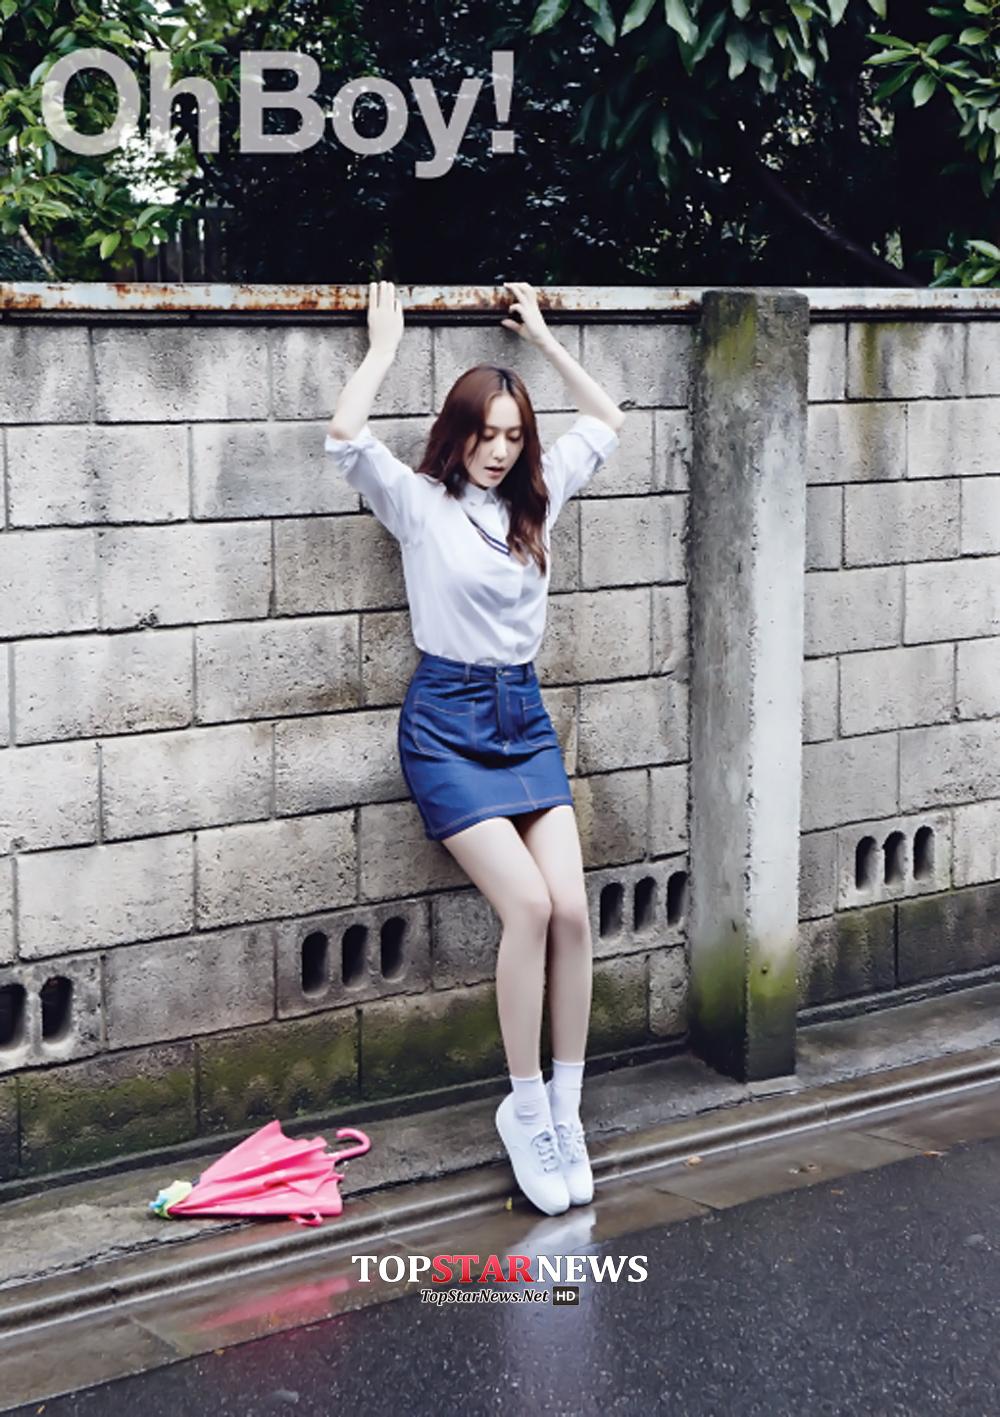 #8.f(x) Krystal 只要提到韓國女生夢寐以求的身材 就絕對不會漏掉的水晶,不僅11字腹肌有名 即使穿上合身的牛仔短裙也能展露曲線,就算4walls 打歌間 穿著喇叭褲也一點都不突兀或顯胖的好身材也讓她奪下這個榜單的第8名